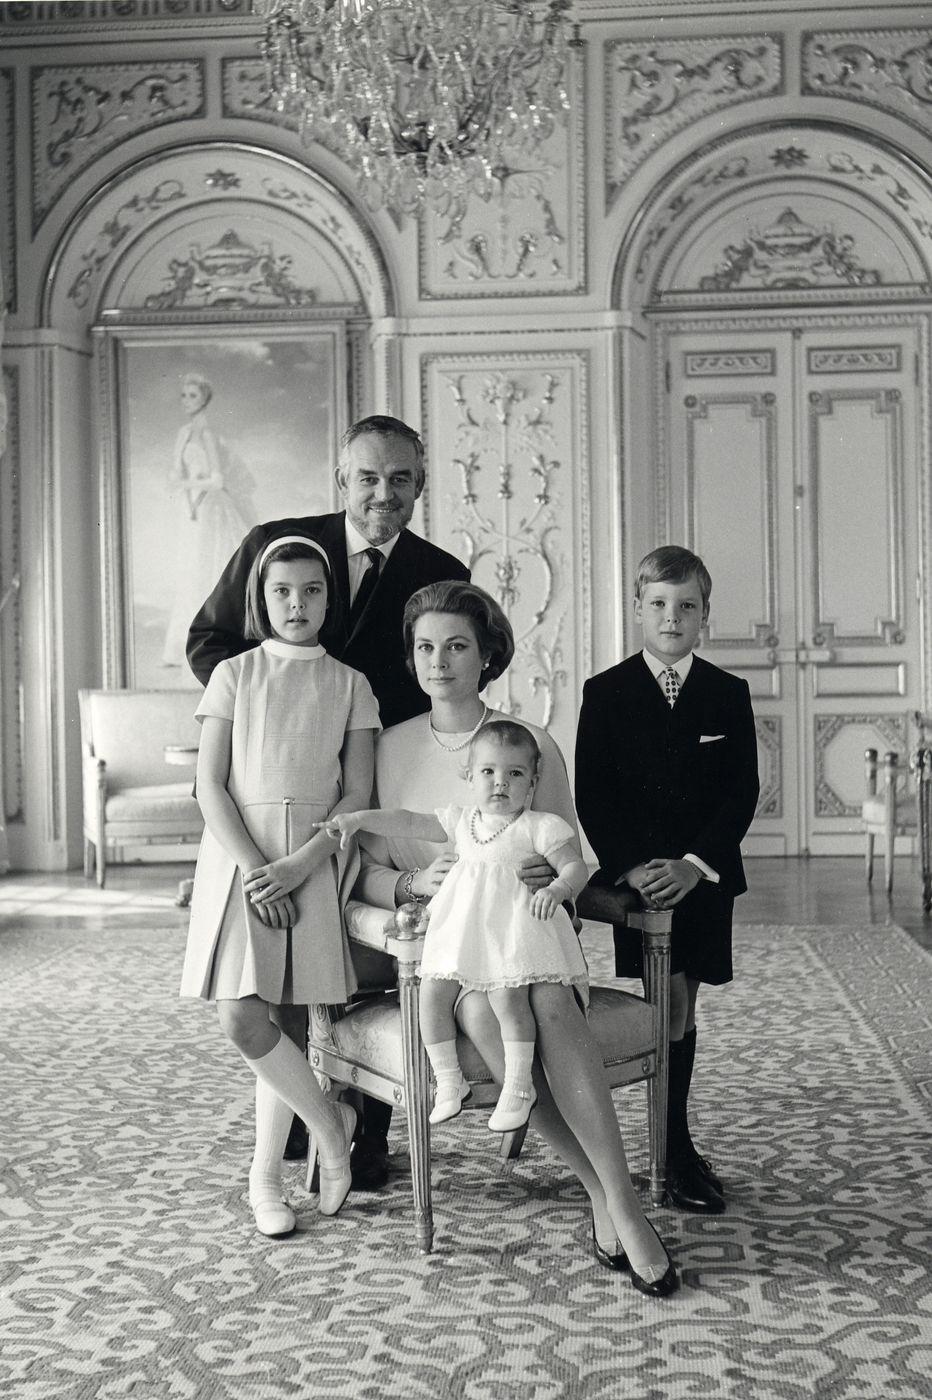 http://www.theplace.ru/archive/grace_kelly/img/mariage_princier_sas_le_prince_albert_ii_4_1301567675.jpg